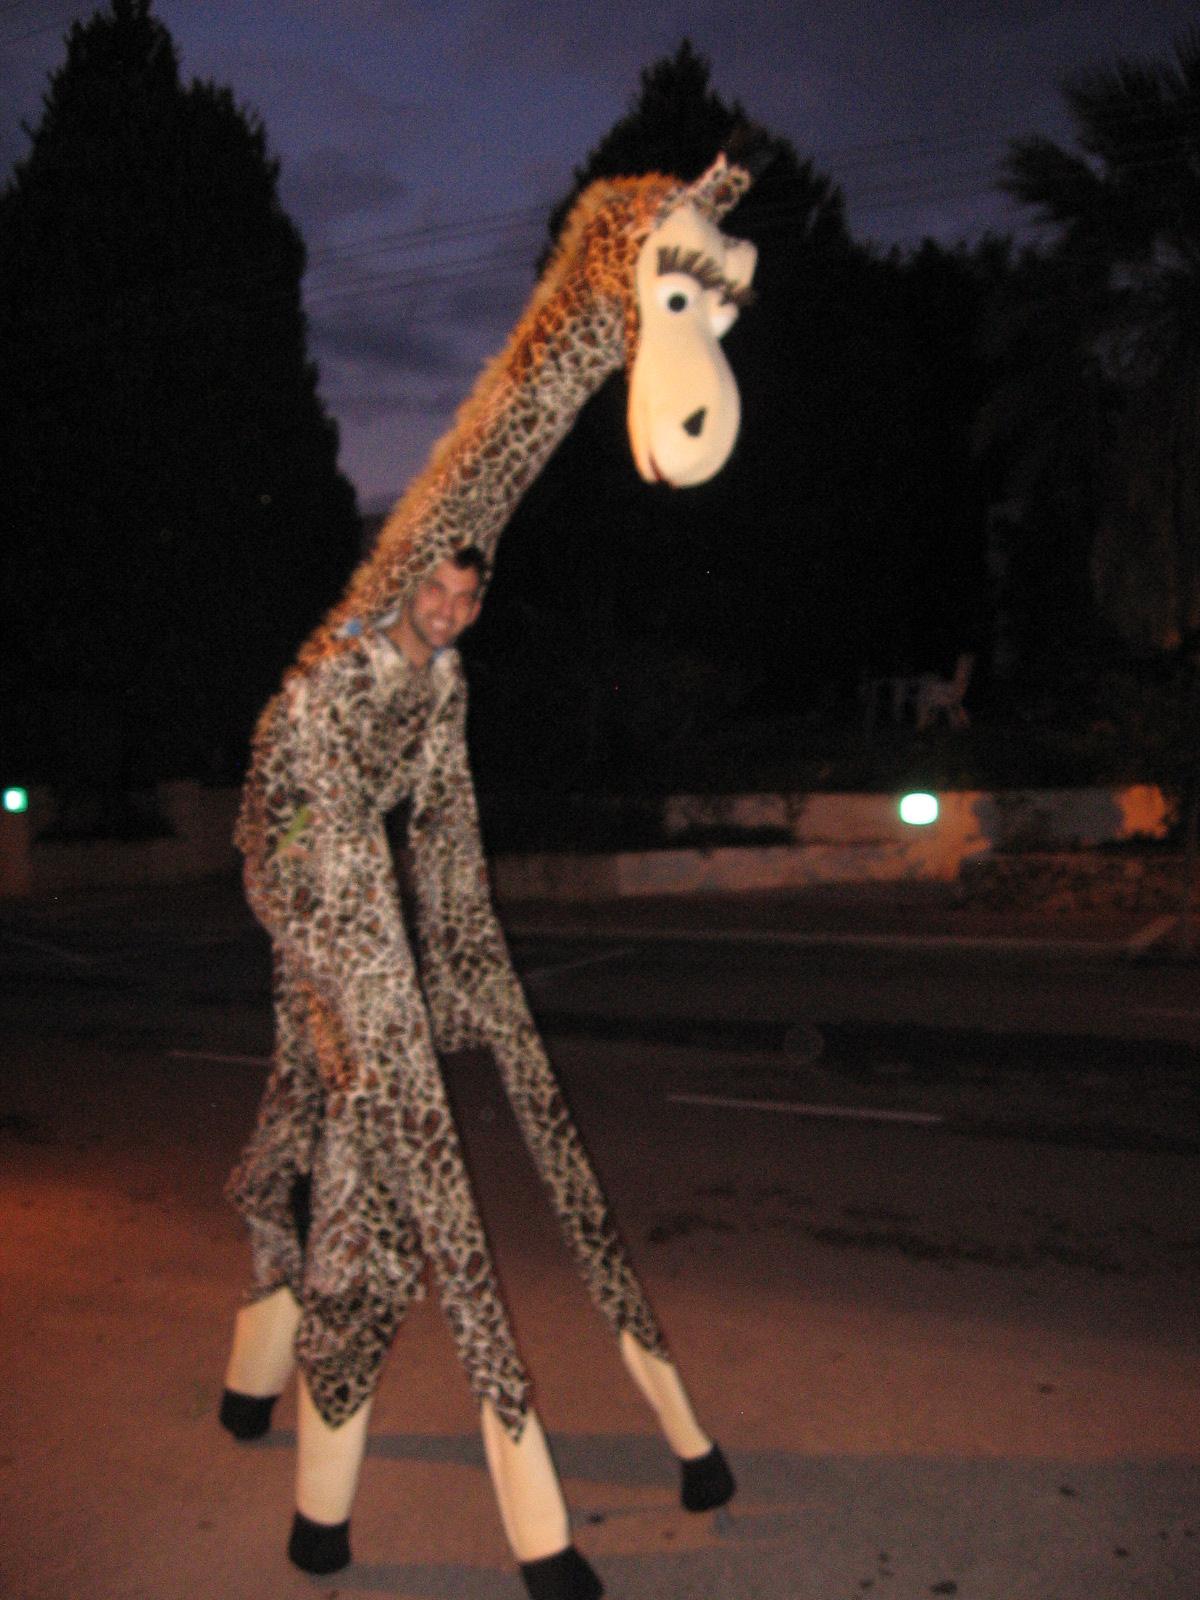 Puppet giraffe on stilts